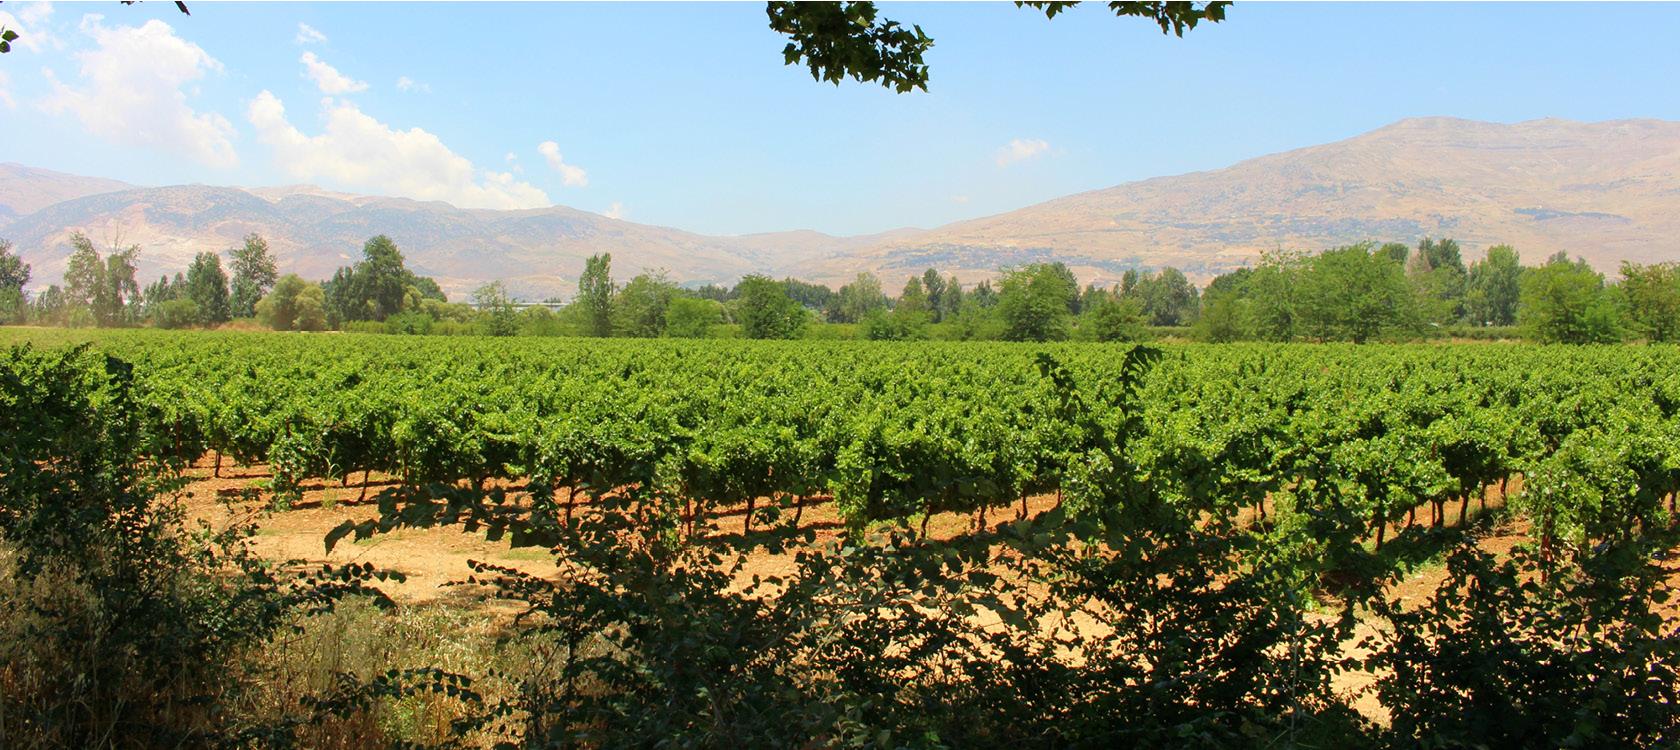 Nyd og oplev landskab i Libanon med Kulturrejser